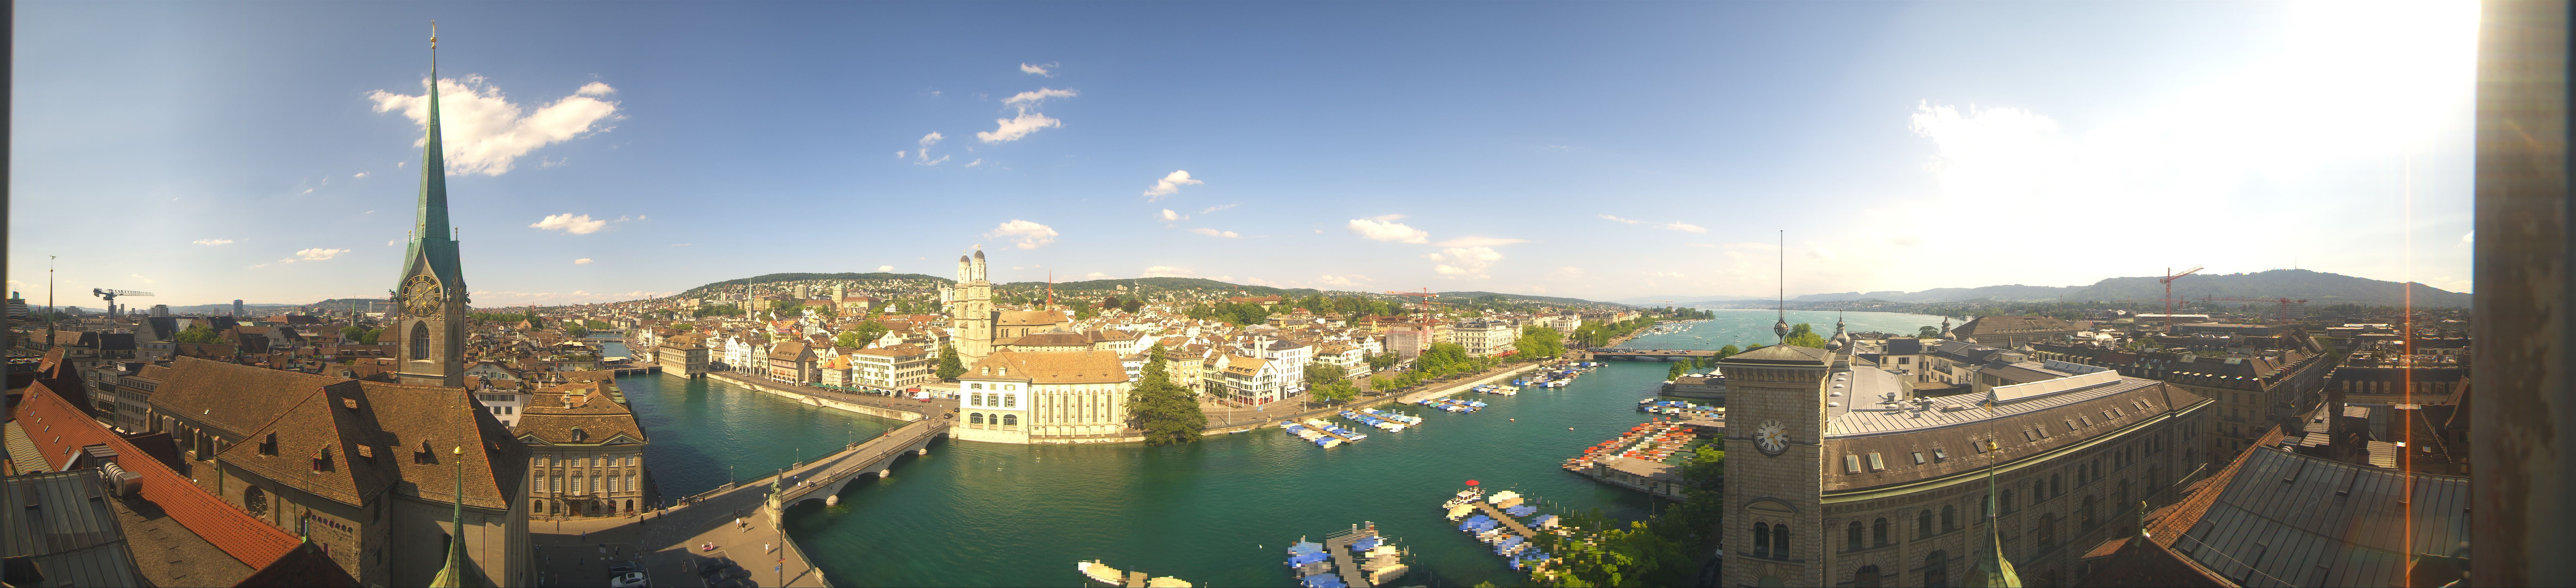 Zürich: Helmhaus - Frauenbad Stadthausquai - barfussbar - Grossmünster - Zurich town hall - Limmat - Zürichsee